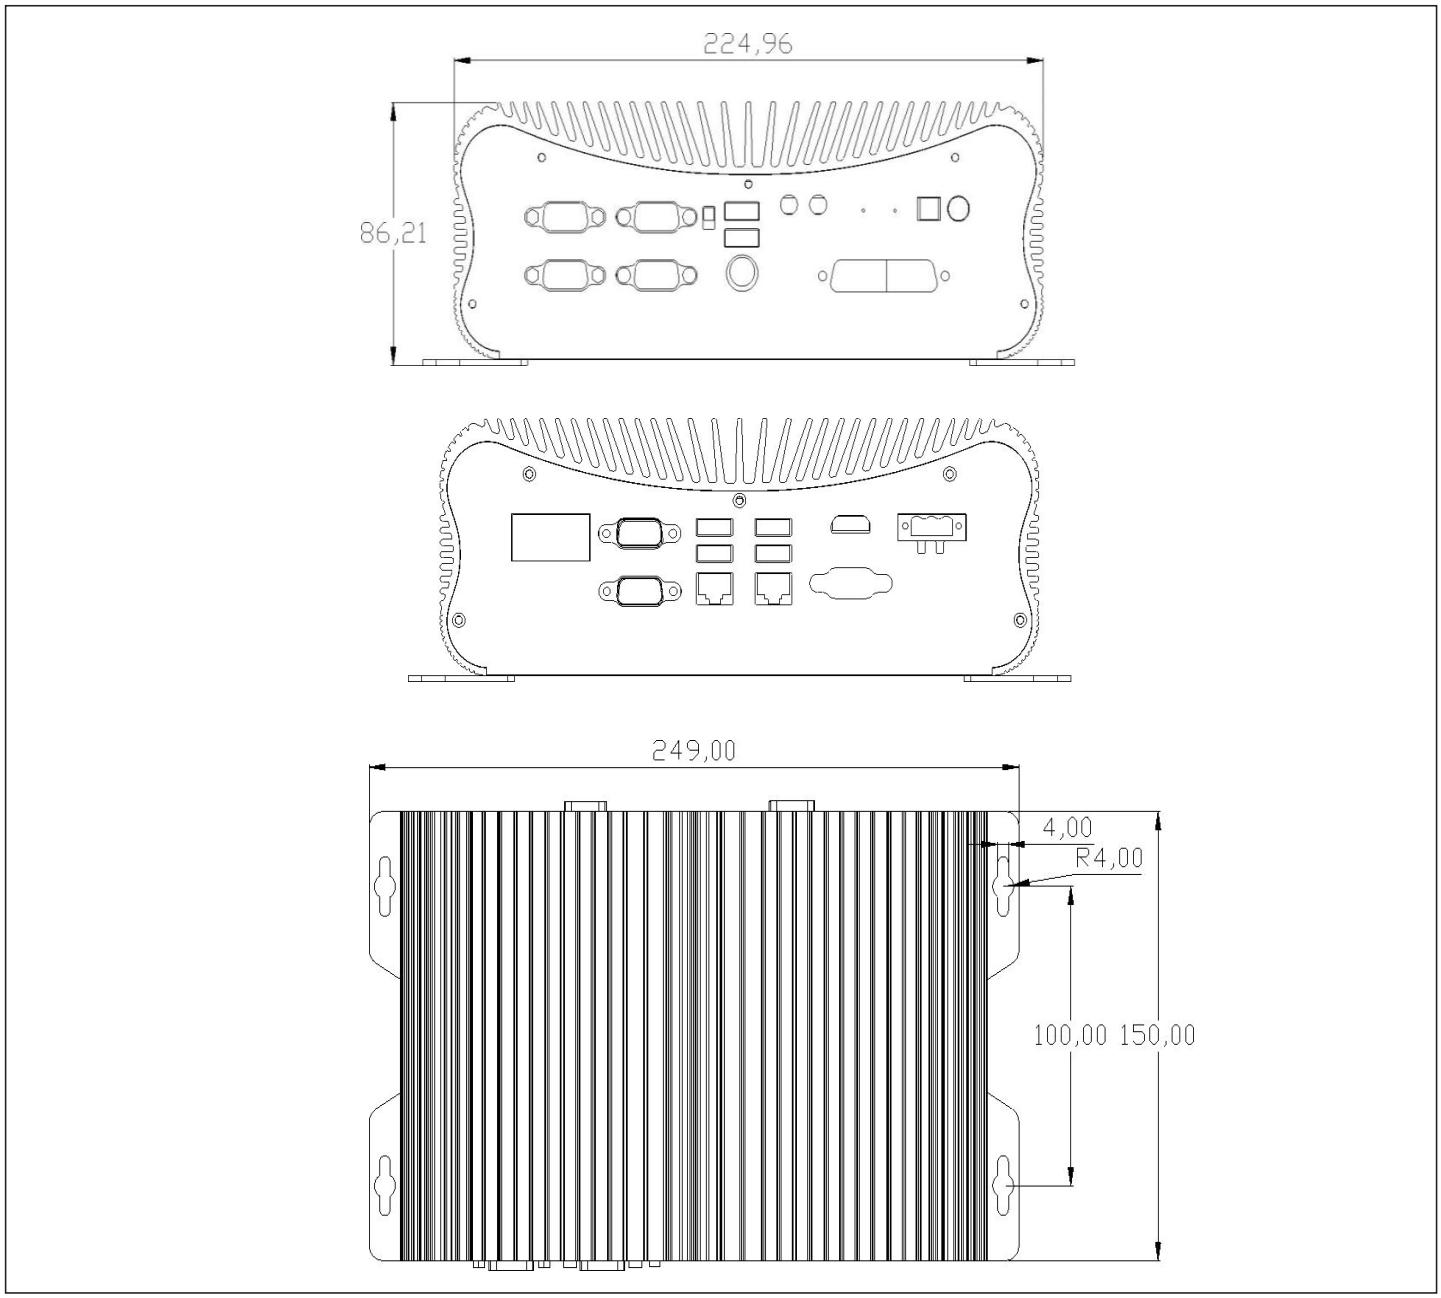 嵌入式工控机 EPC-312-G4